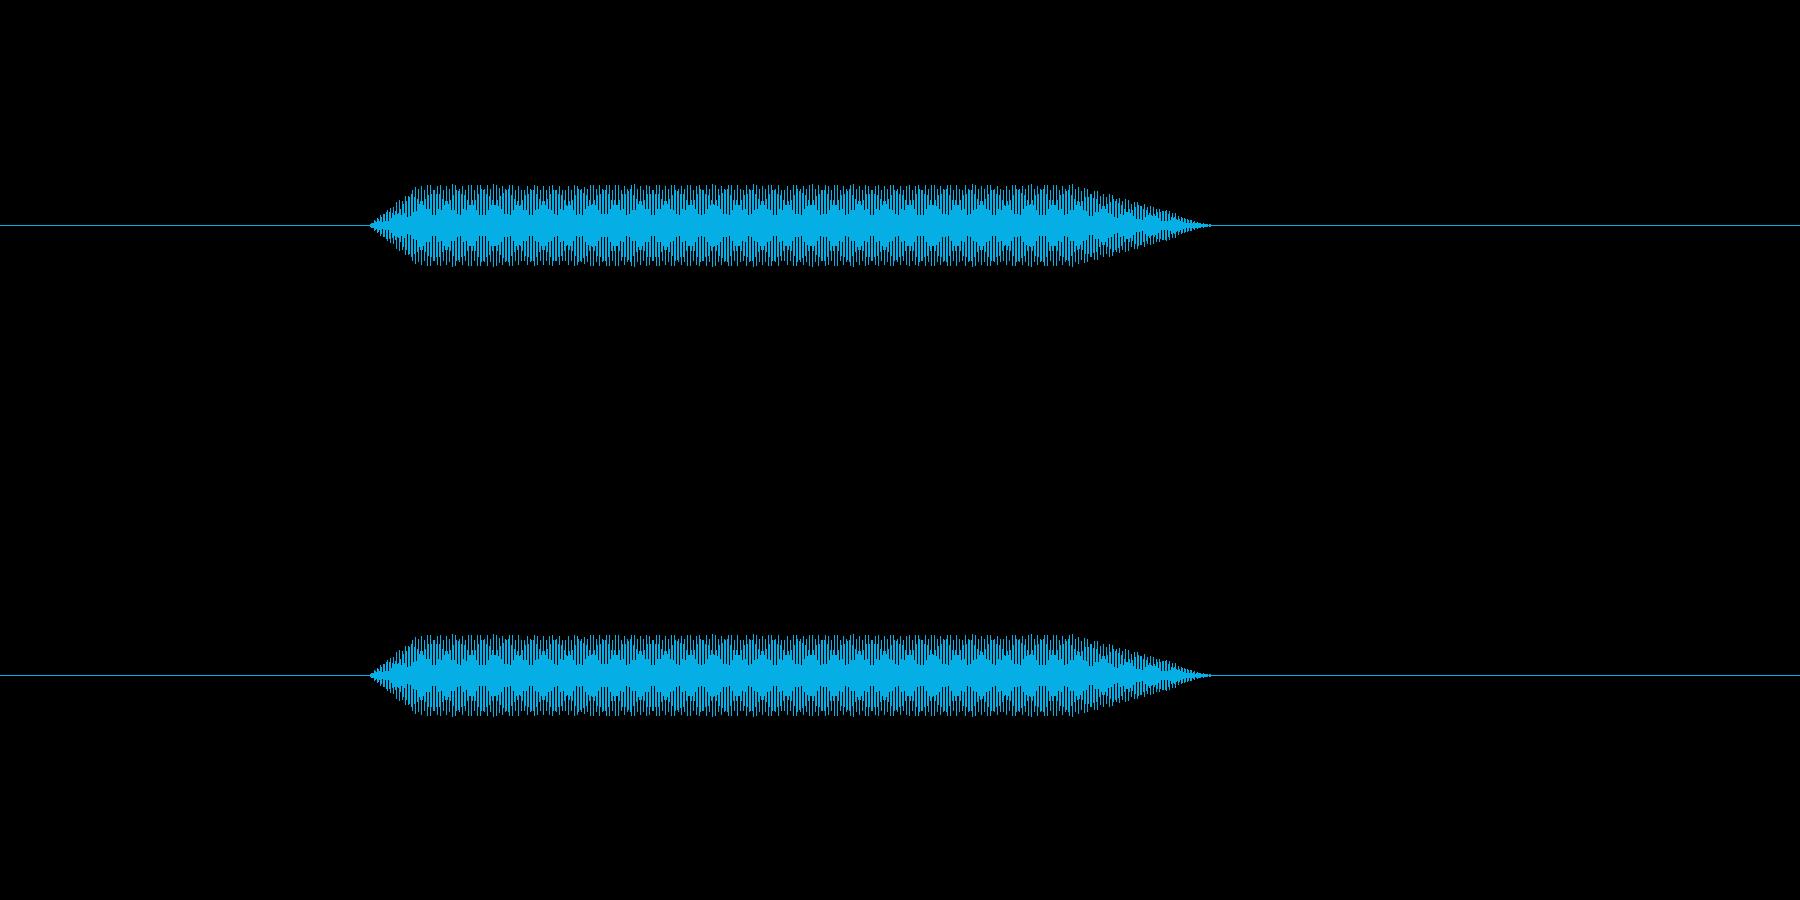 ピッ【カーソル音:シンプルで可愛い】の再生済みの波形